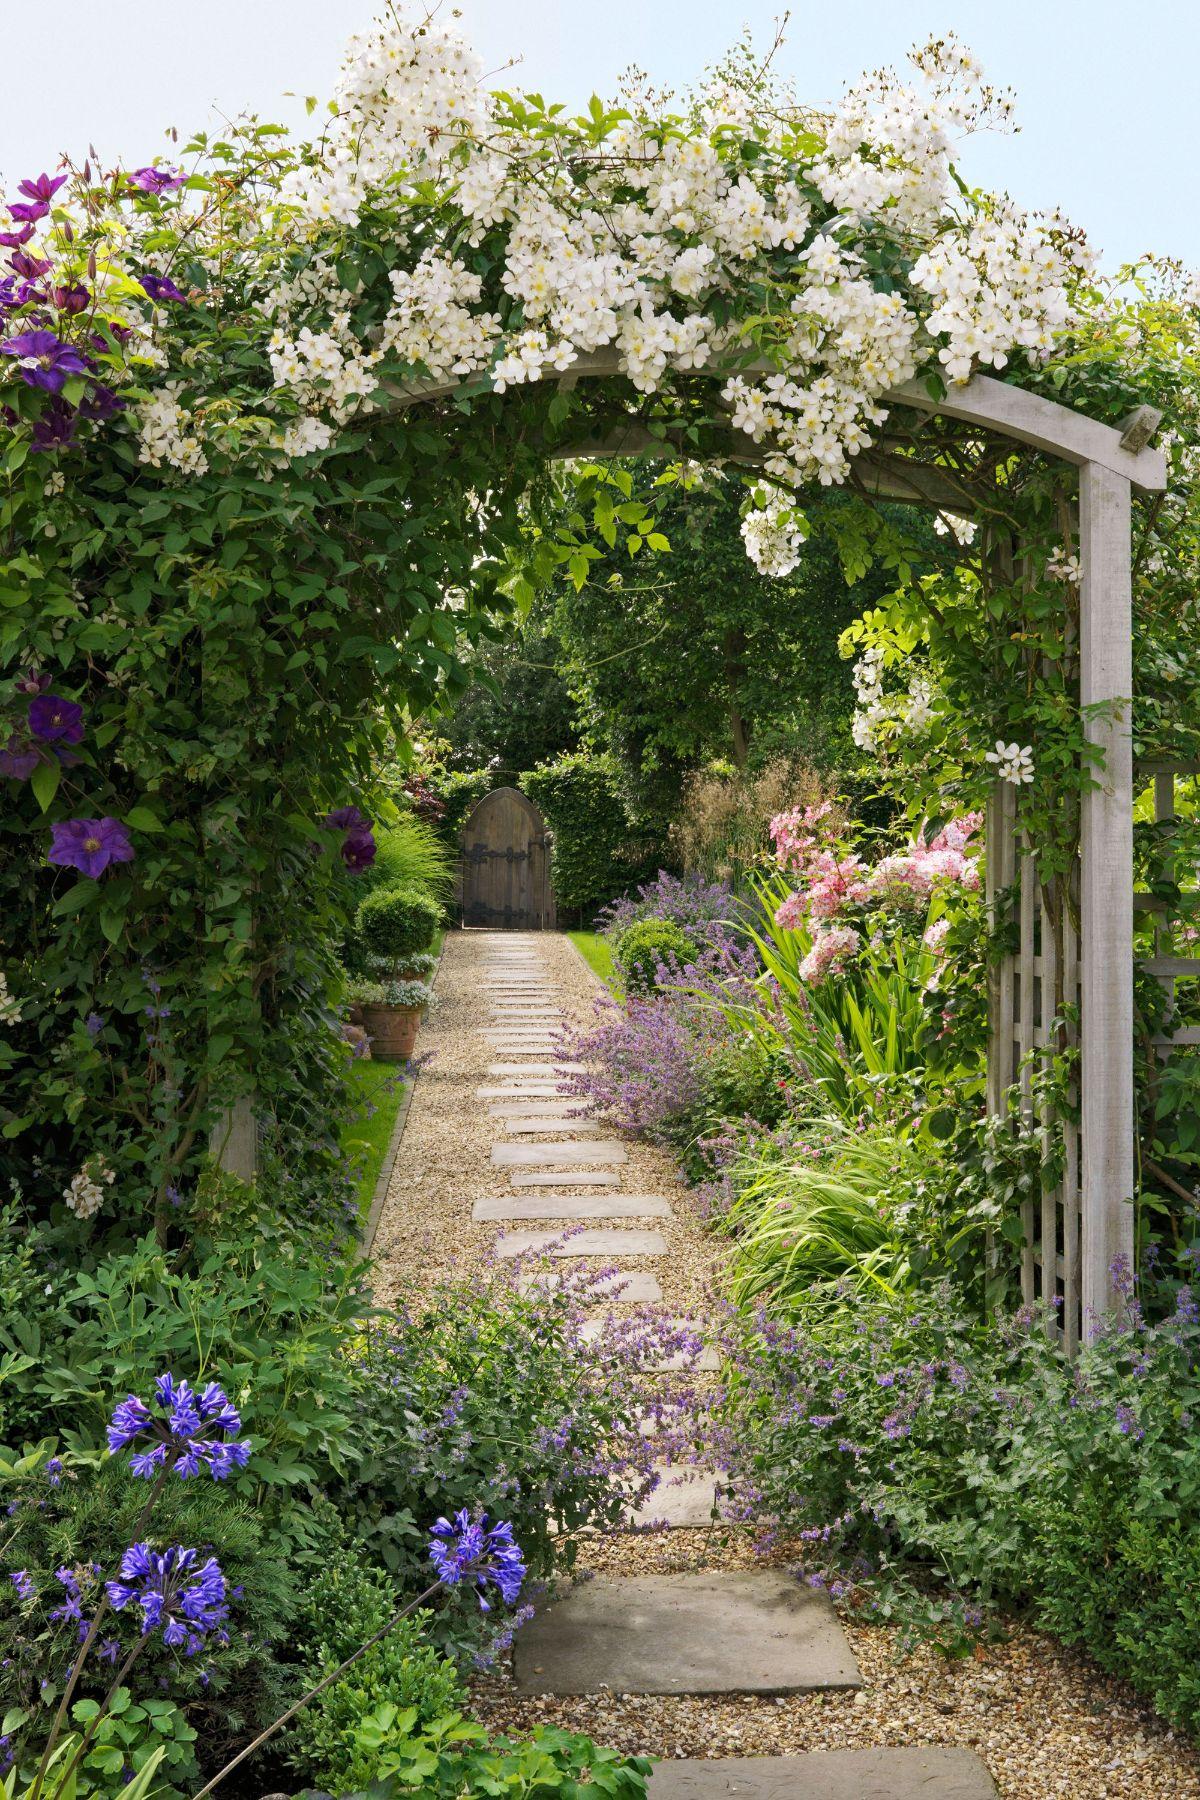 дизайн садового участка с цветочной аркой